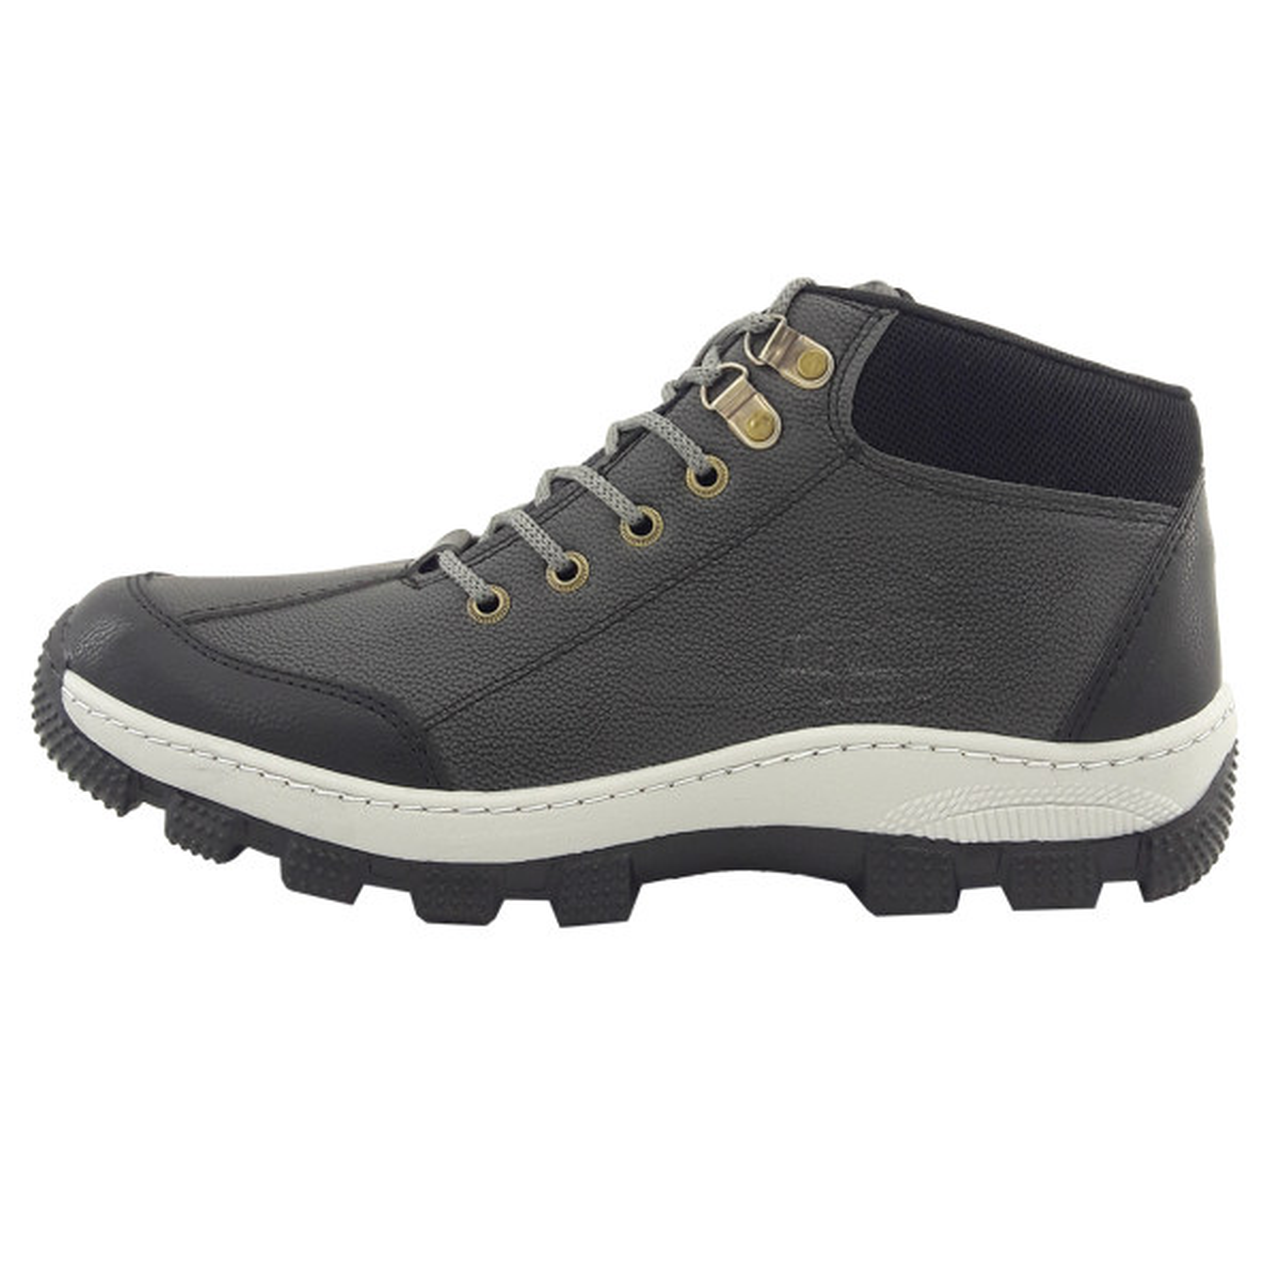 کفش کوهنوردی مردانه مدل Are Calling gry.bl